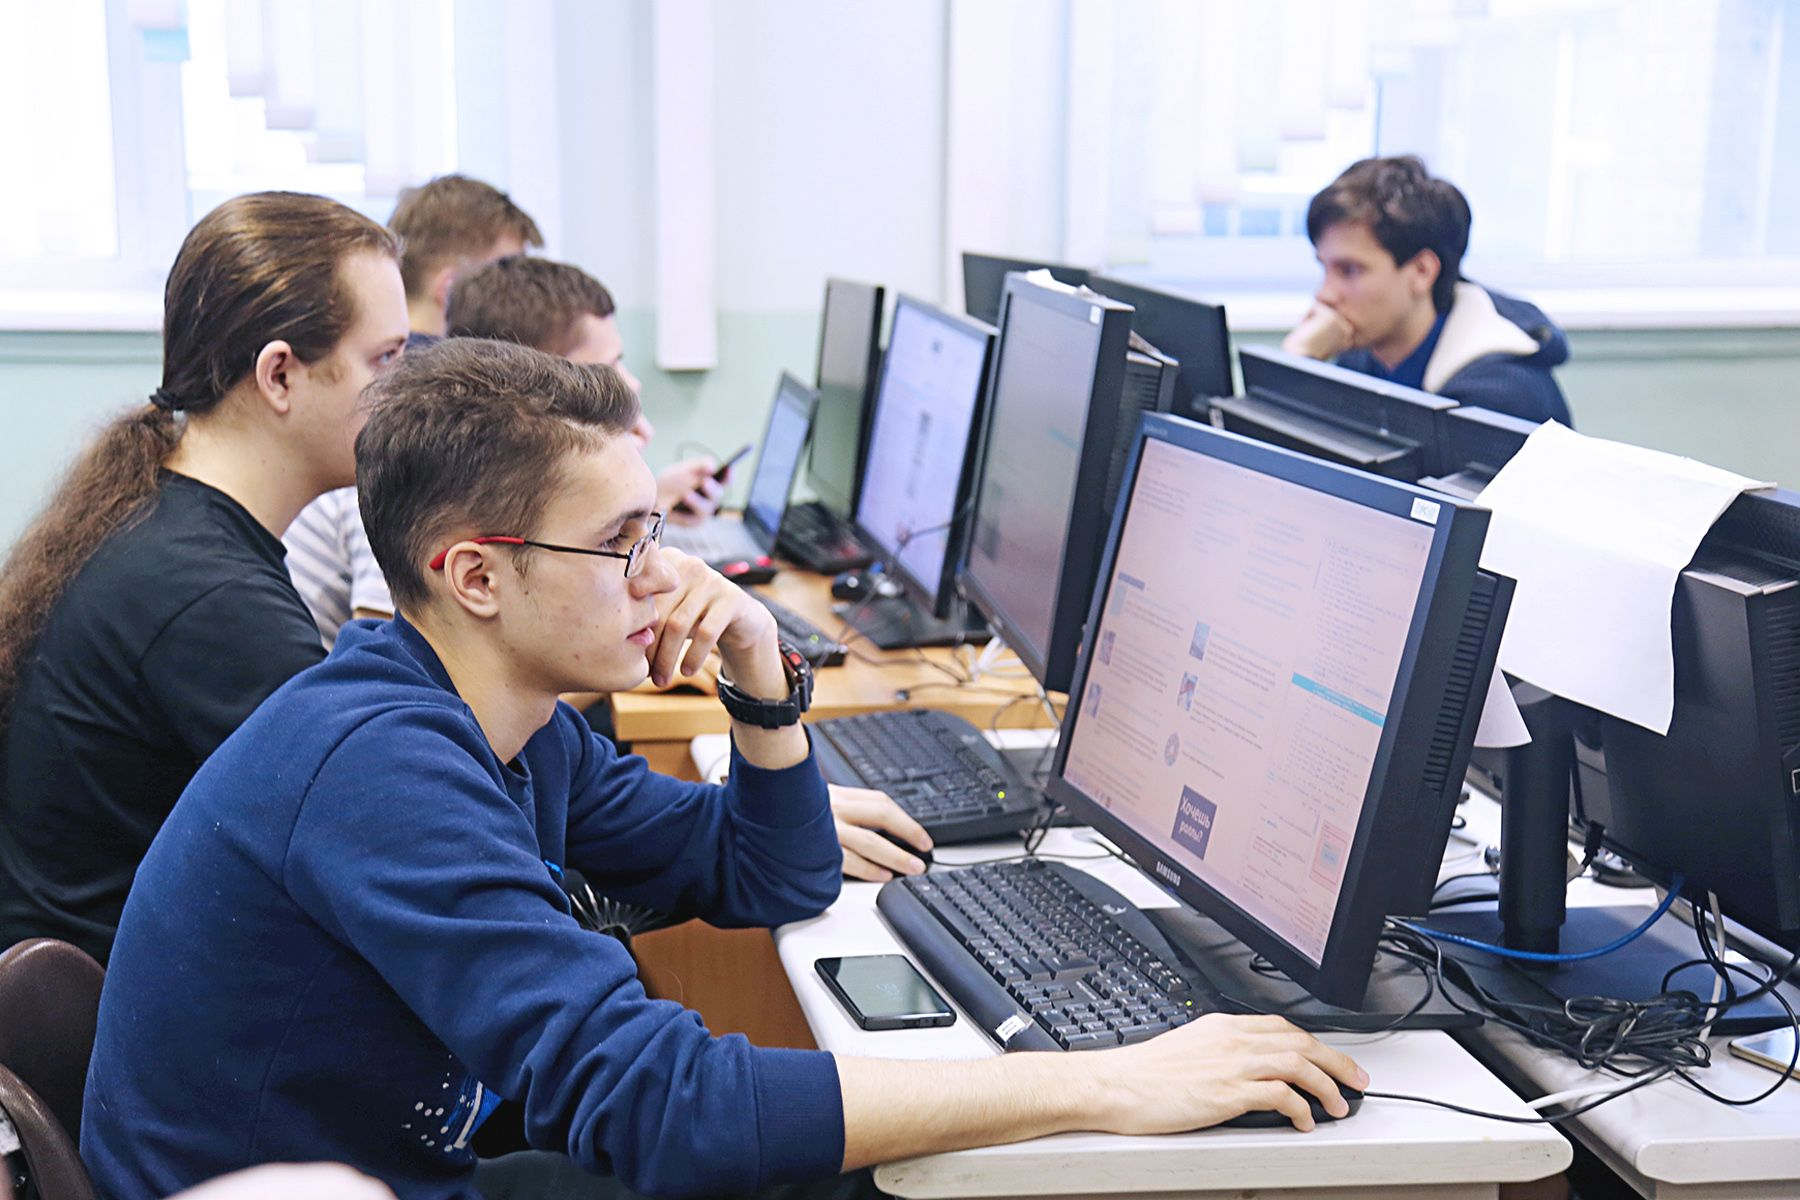 Специалитет «Информационная безопасность автоматизированных систем» будет открыт в новом учебном году во ВГУЭС